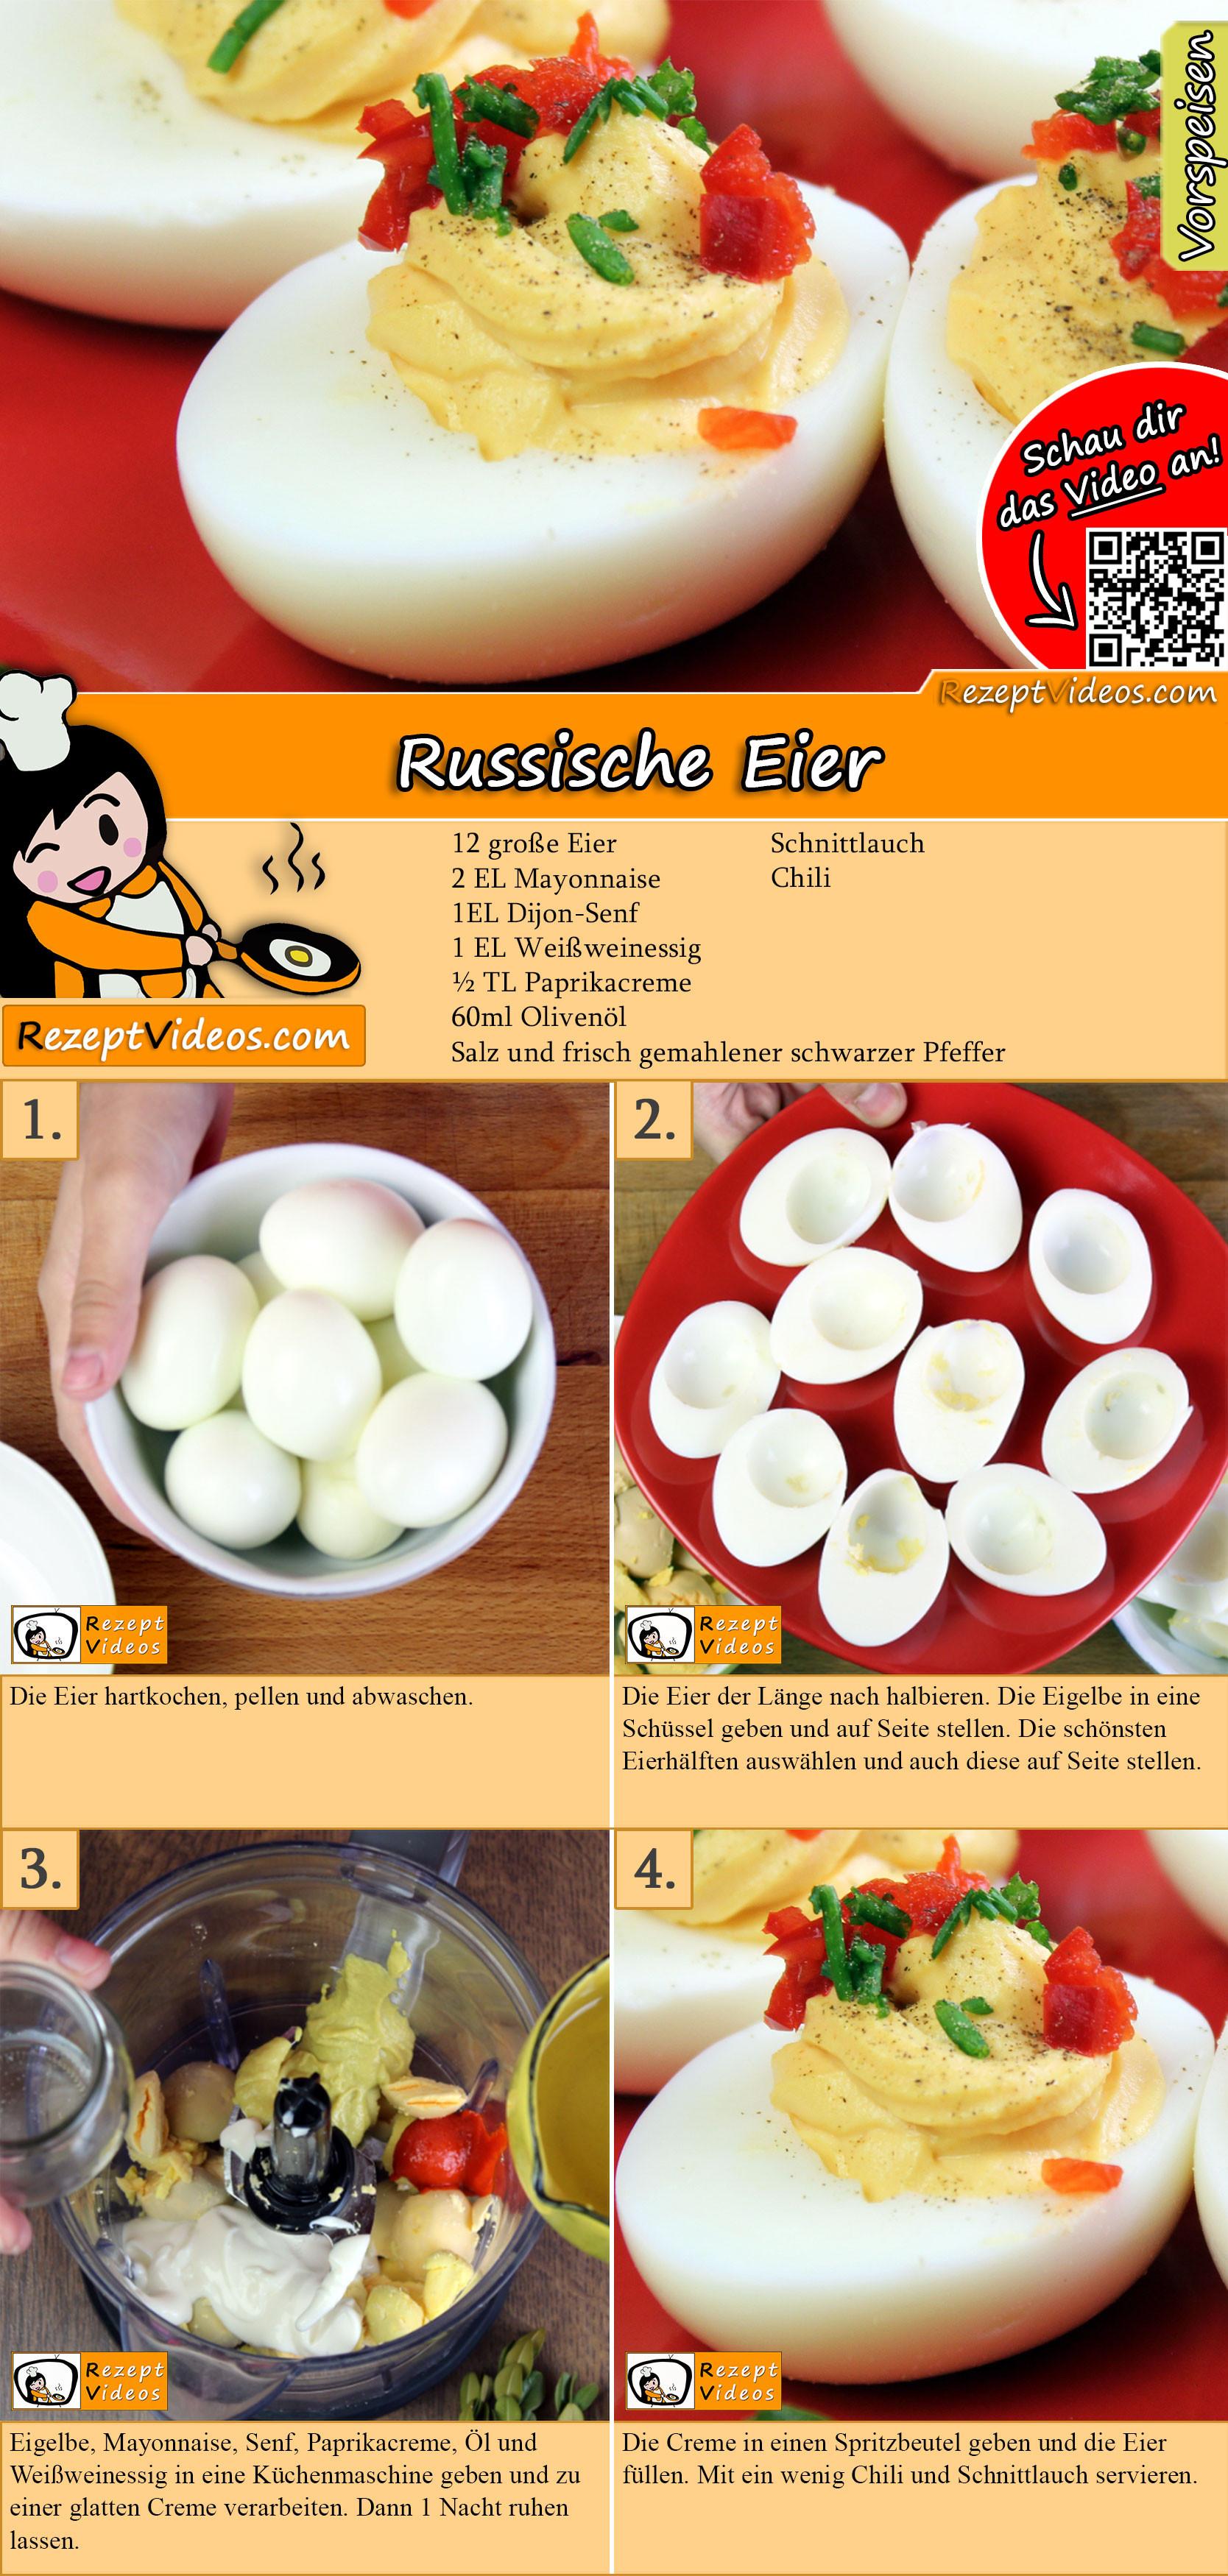 Russische Eier Rezept mit Video